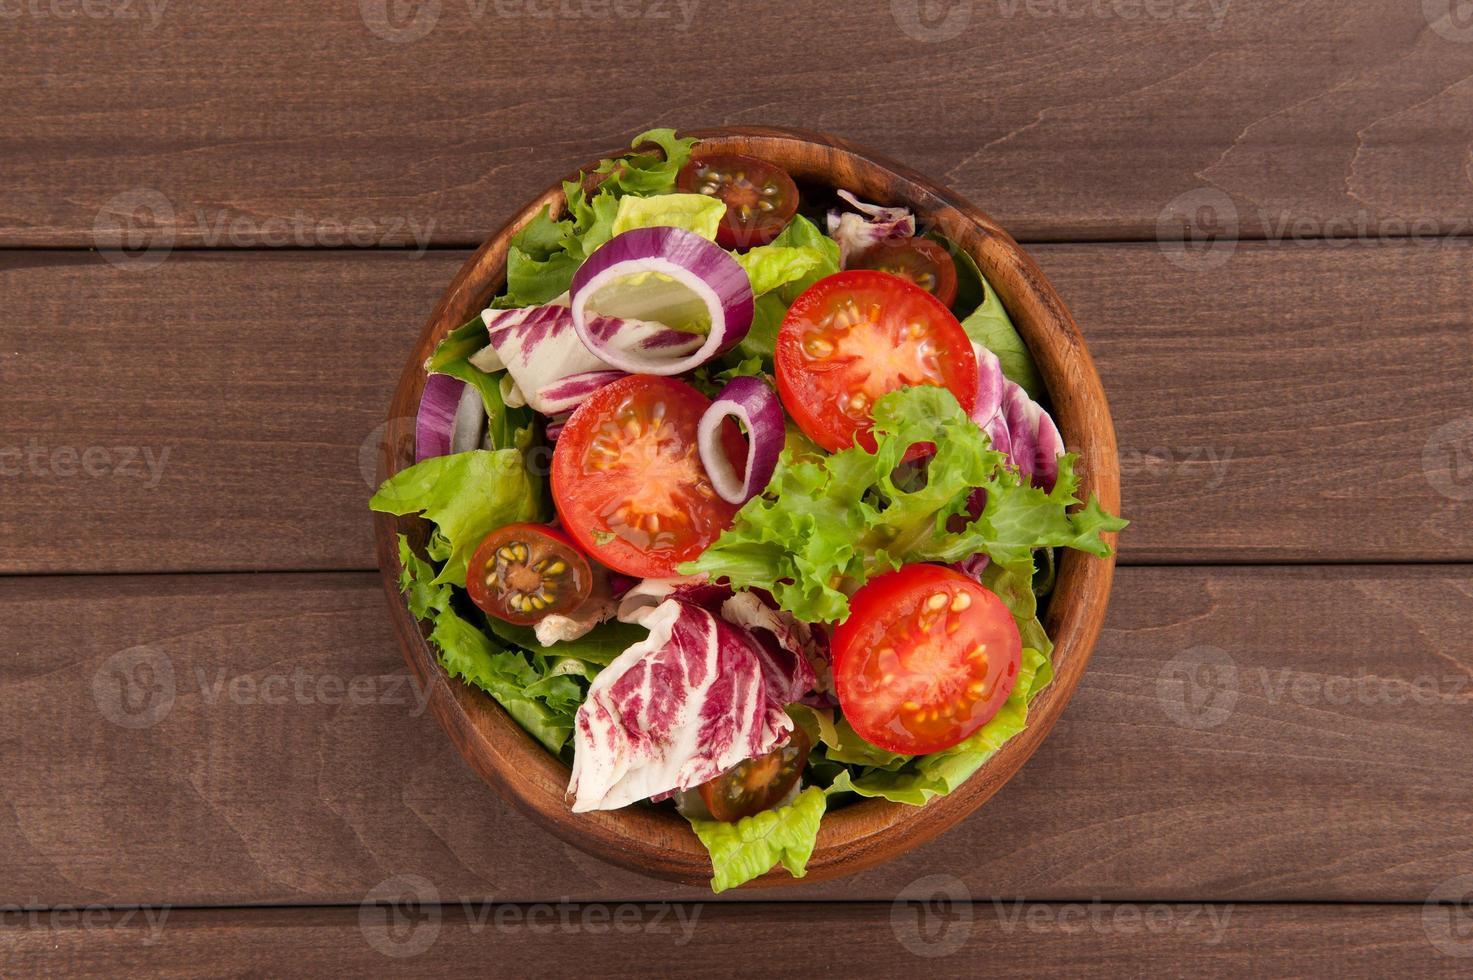 frischer Gemüsesalat in einer Schüssel foto